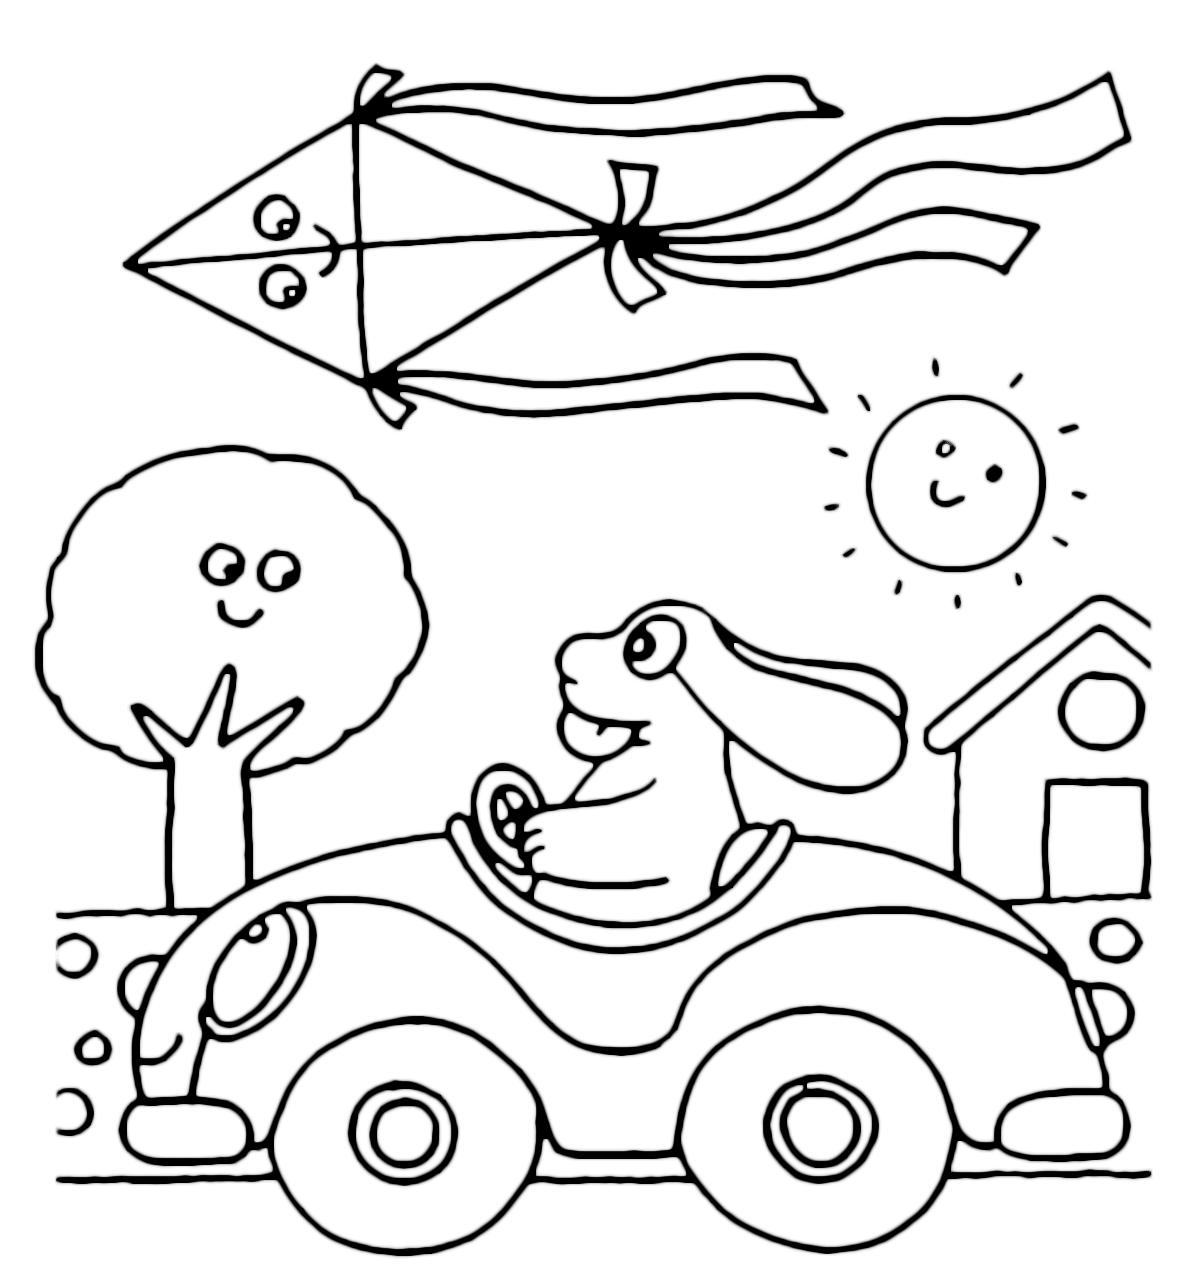 La pimpa la pimpa sfreccia in macchina a tutta velocit for Pimpa da stampare